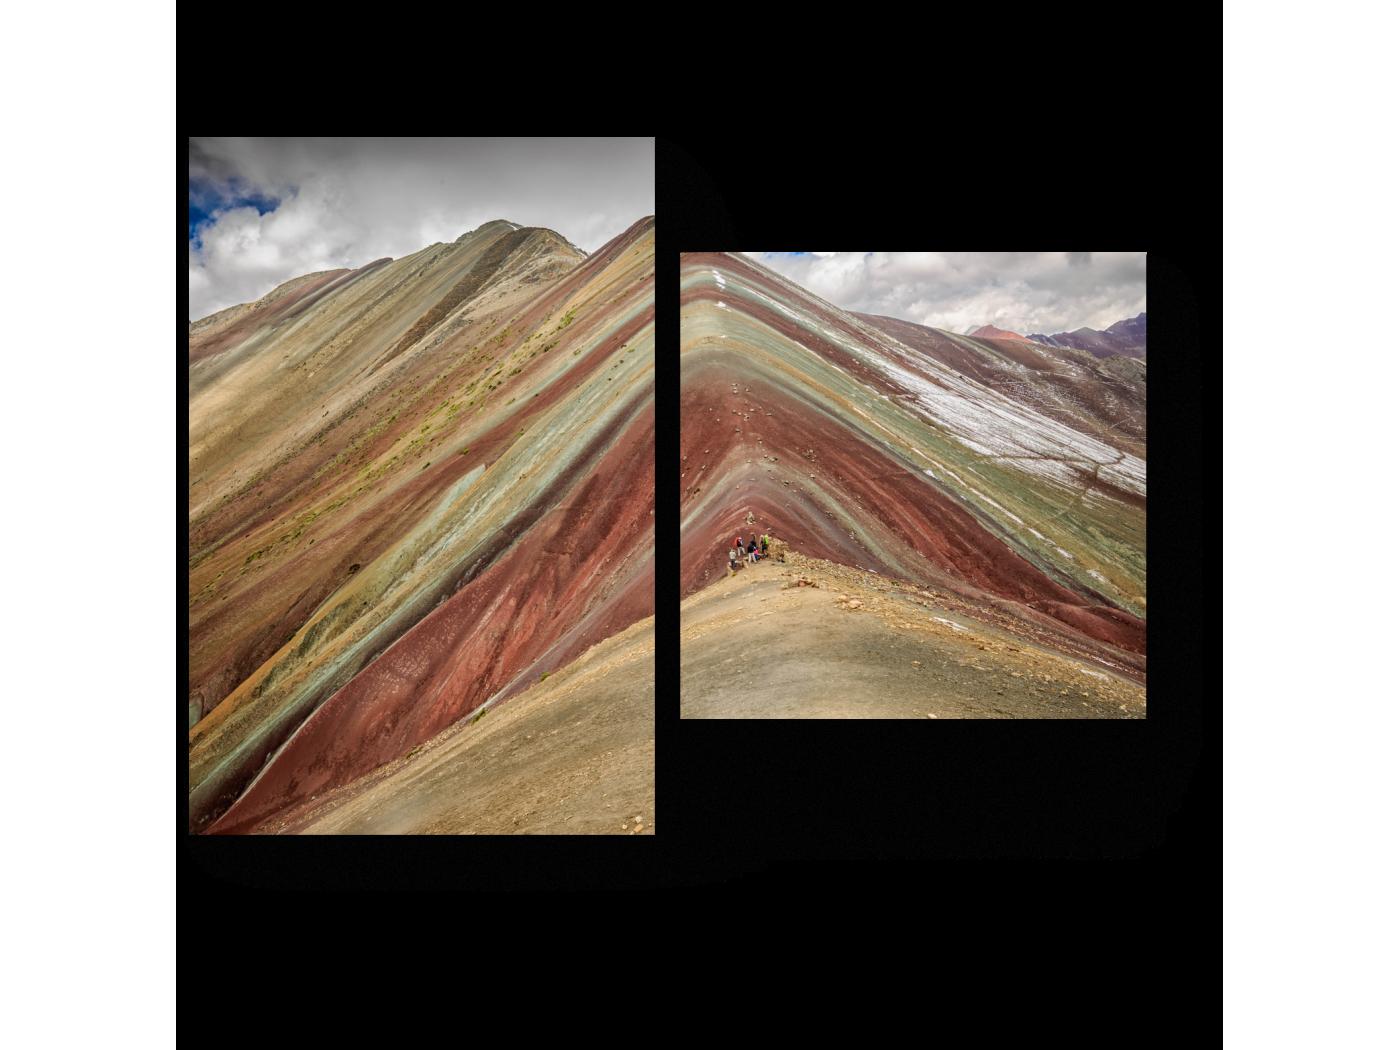 Модульная картина Спокойствие гор (40x30) фото